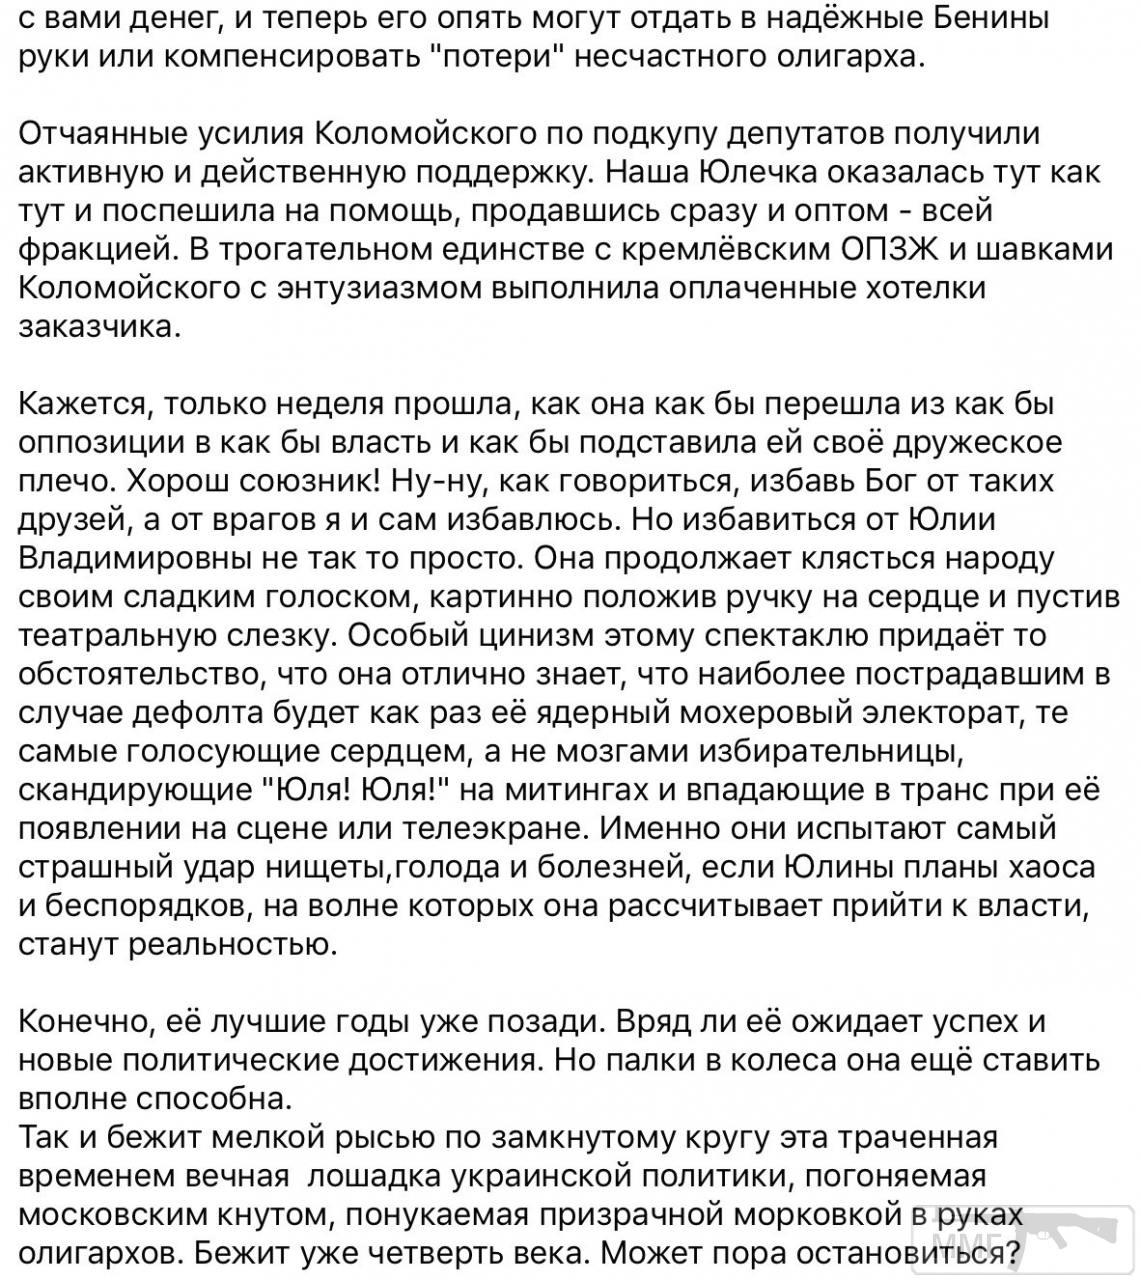 95965 - Украина - реалии!!!!!!!!